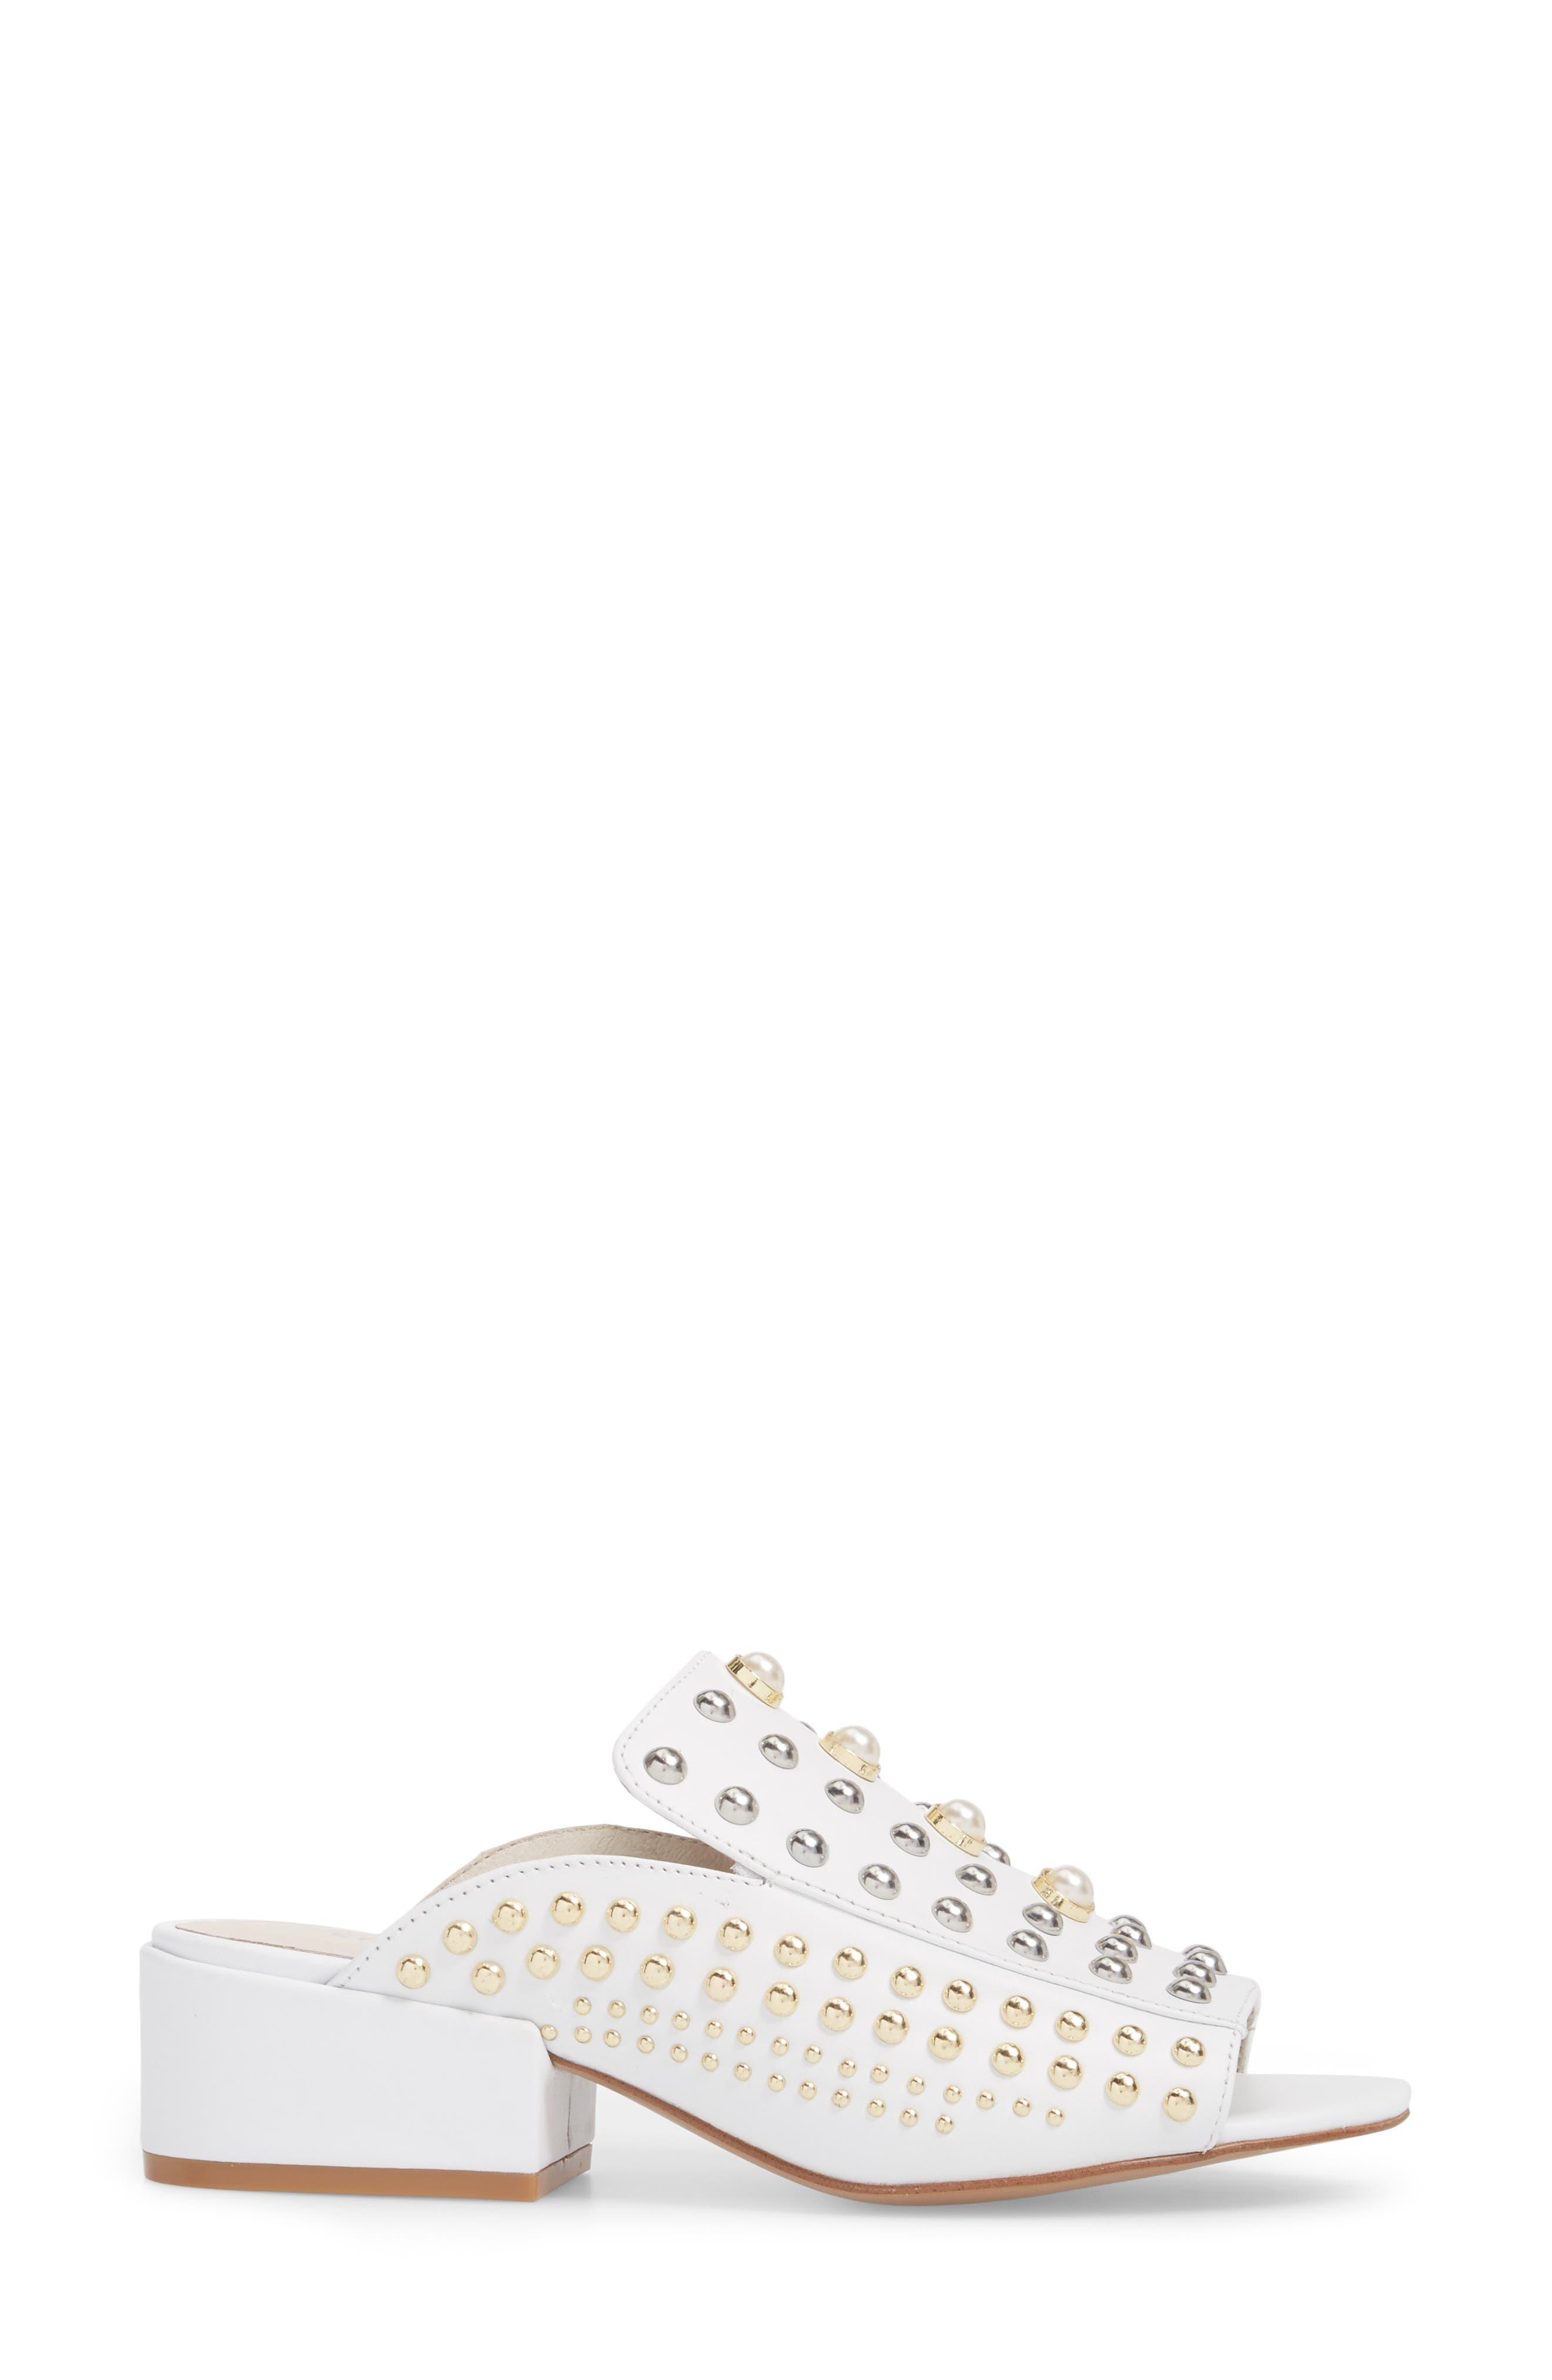 Farley Studded Slide Sandal,                             Alternate thumbnail 3, color,                             White Leather